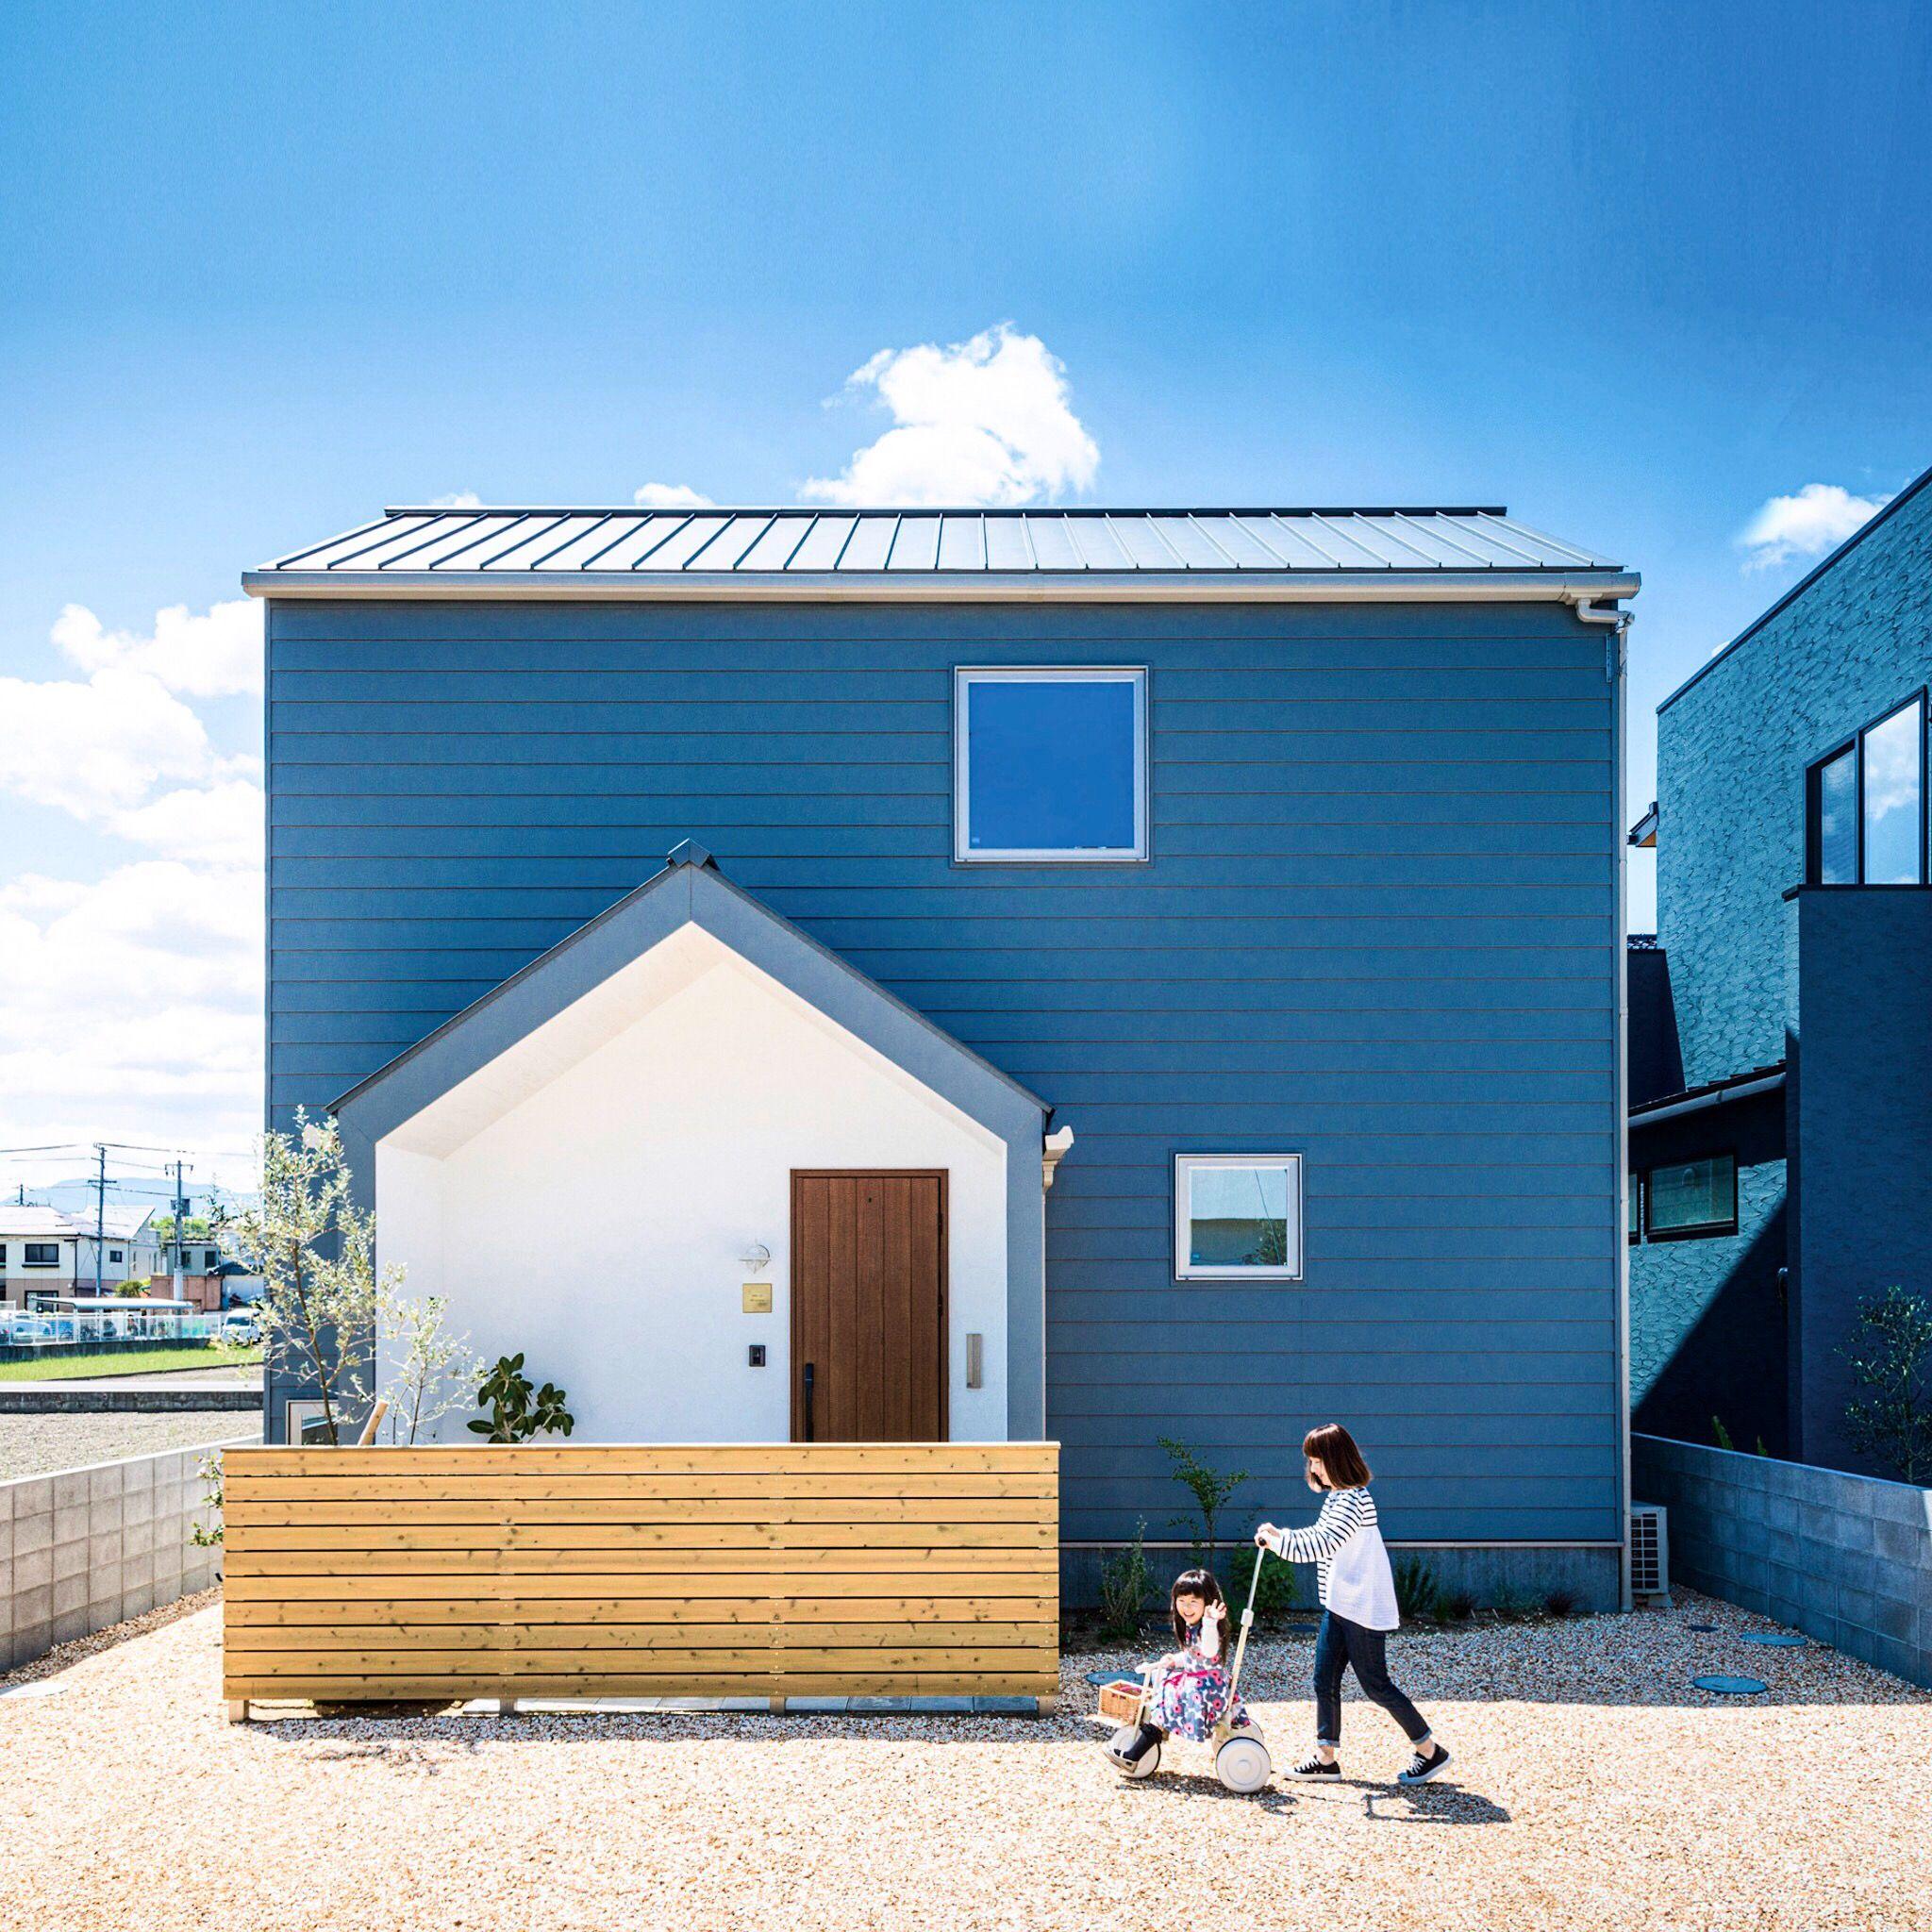 ソライロのお家 毎日の暮らしにデザインと遊びゴコロをプラス